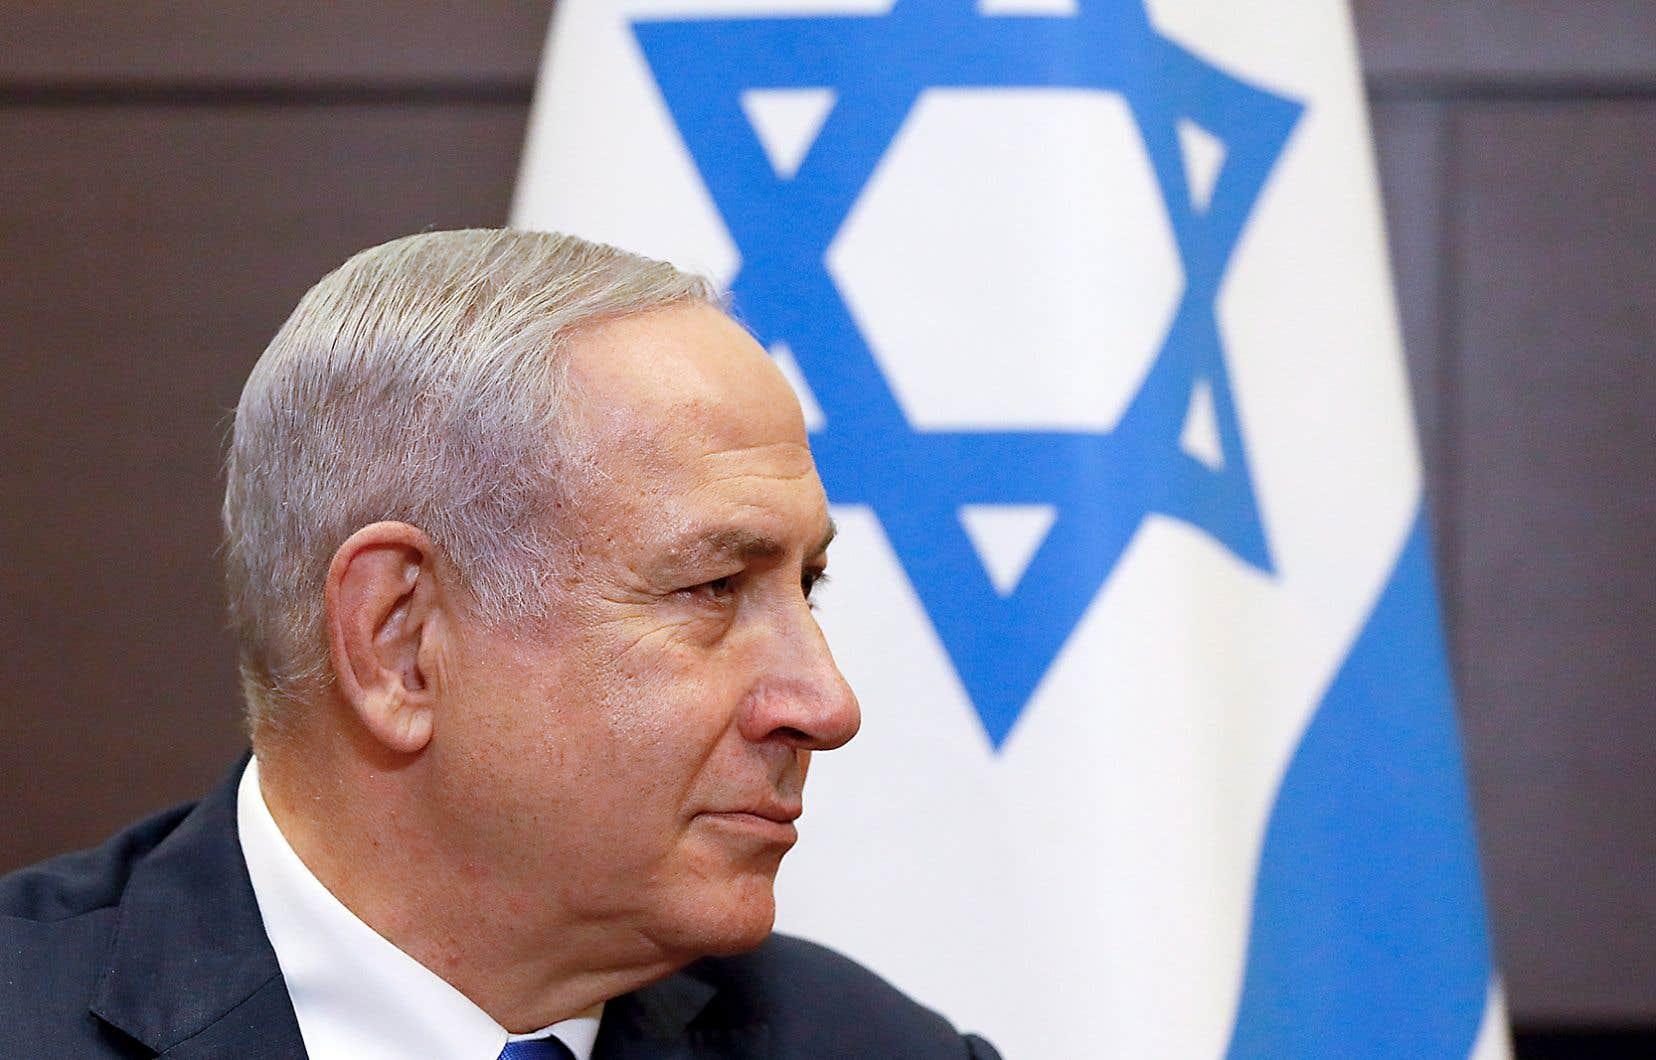 Depuis 2009, Israël n'a connu que «Bibi». Lui se présente comme le grand défenseur de l'État hébreu face à l'Iran, nouvel «Amalek», ennemi mortel des Hébreux dans la Bible, mais ses adversaires voient plutôt un autocrate ne reculant devant aucune manœuvre pour former des coalitions et un homme usé par le pouvoir.